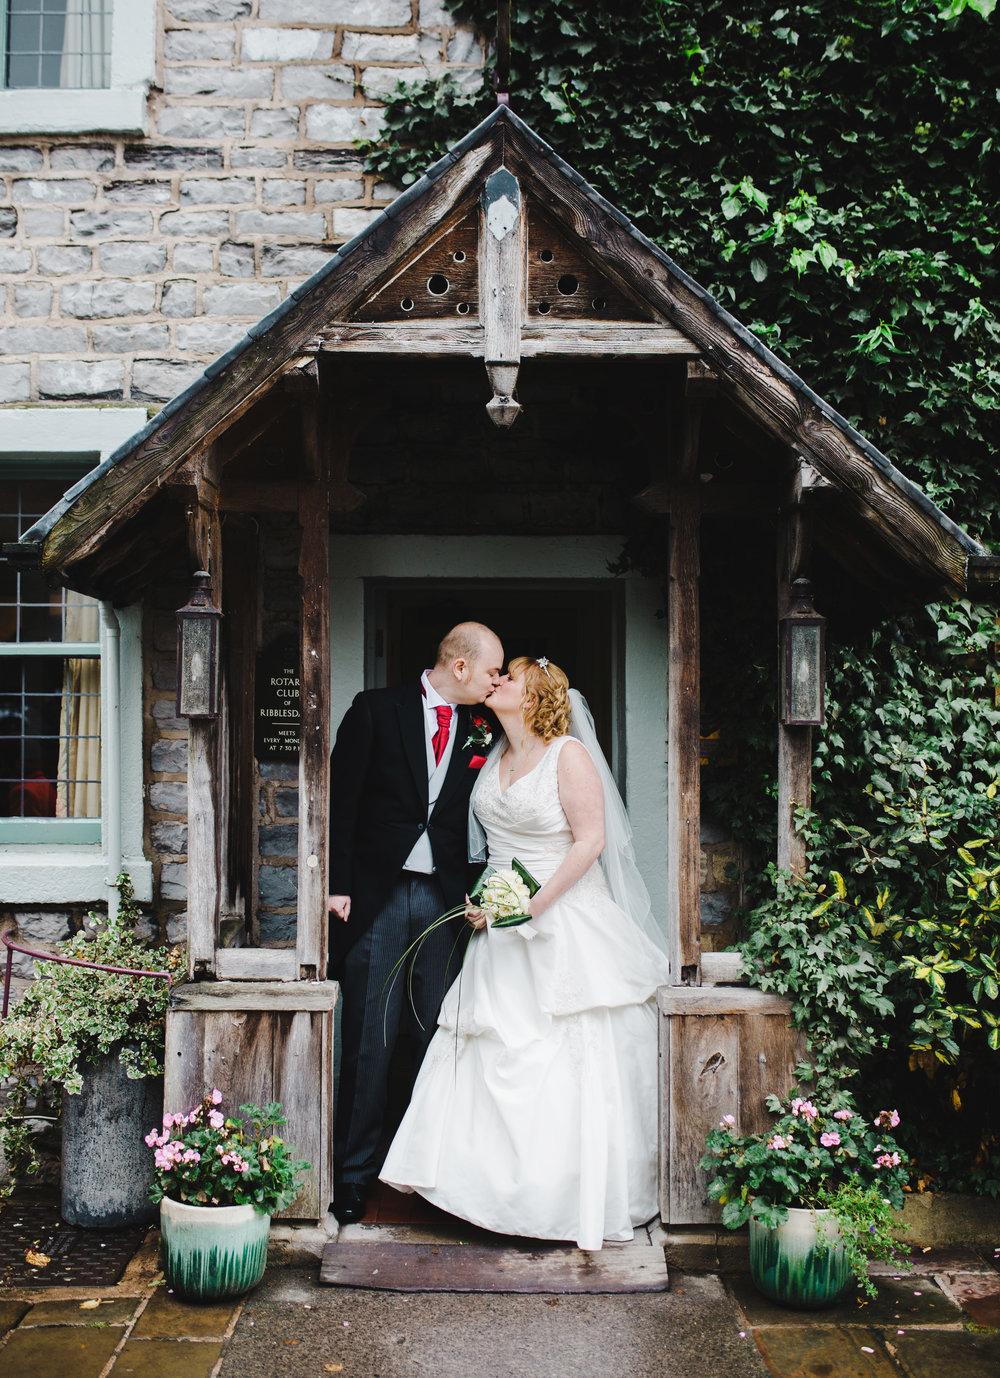 The bride and groom kissing in the door way of Spread Eagle Wedding venue